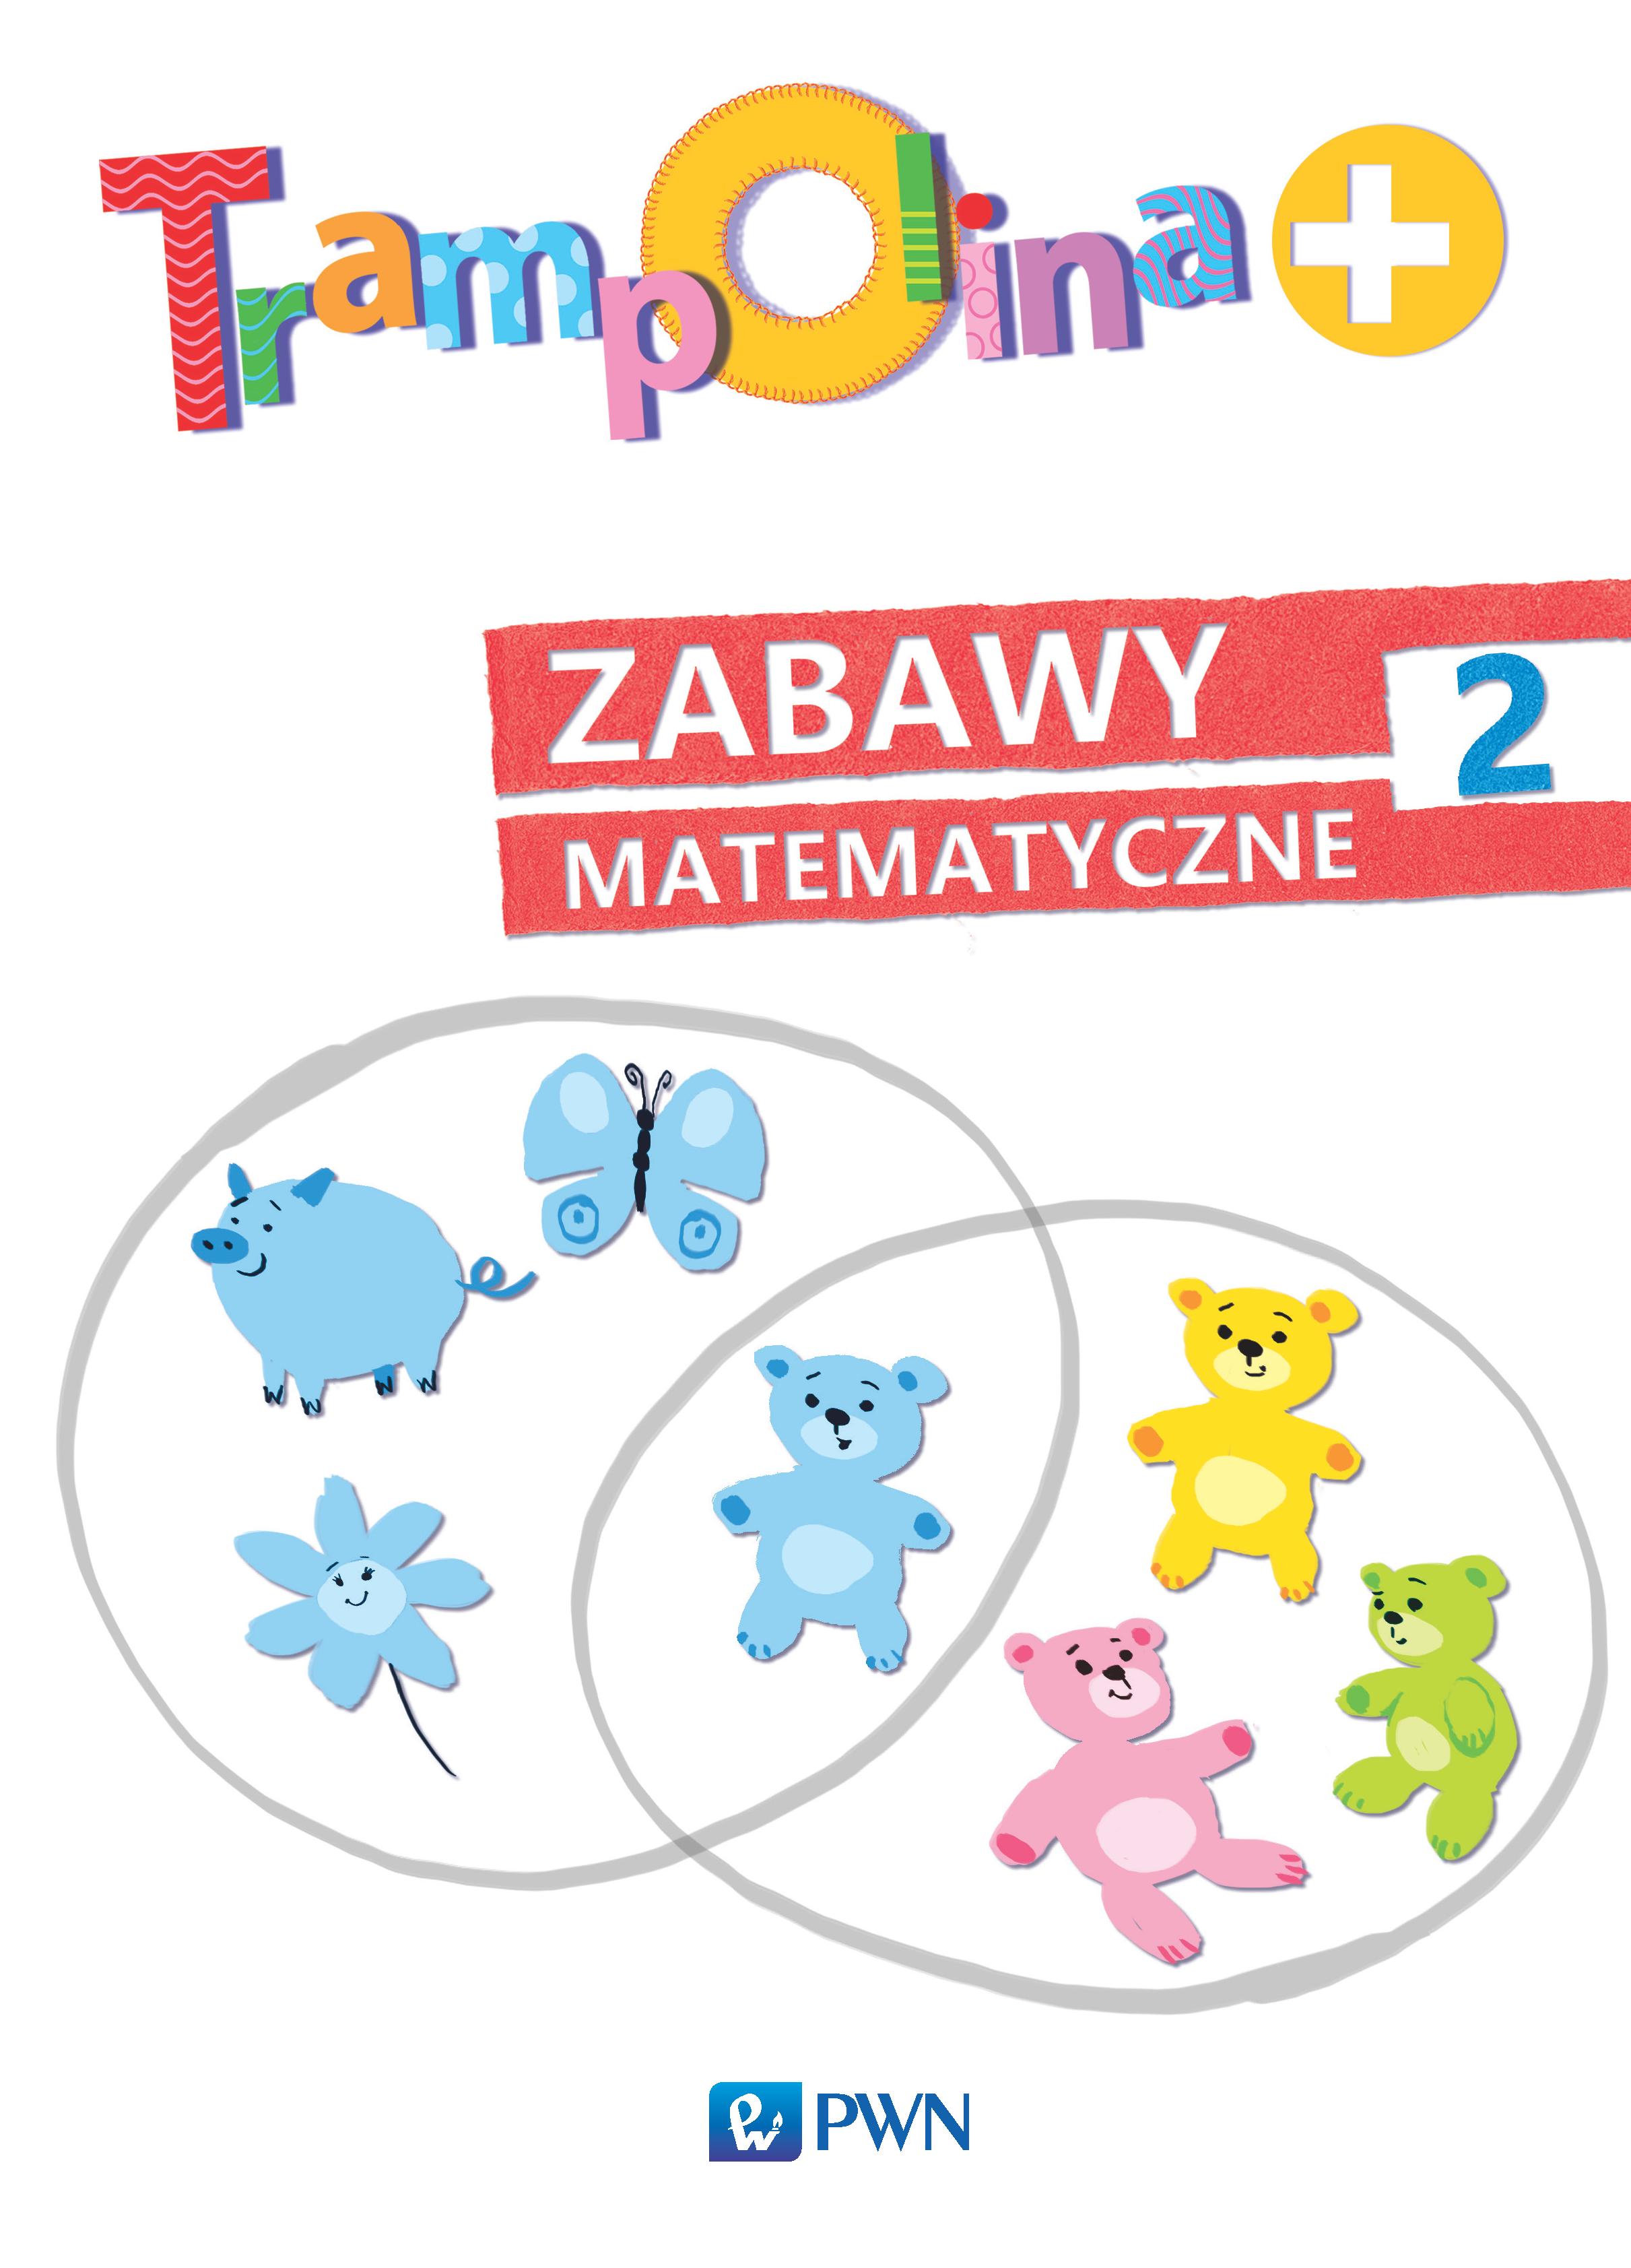 Tramp_plus_zabawy_matematyczne2.png